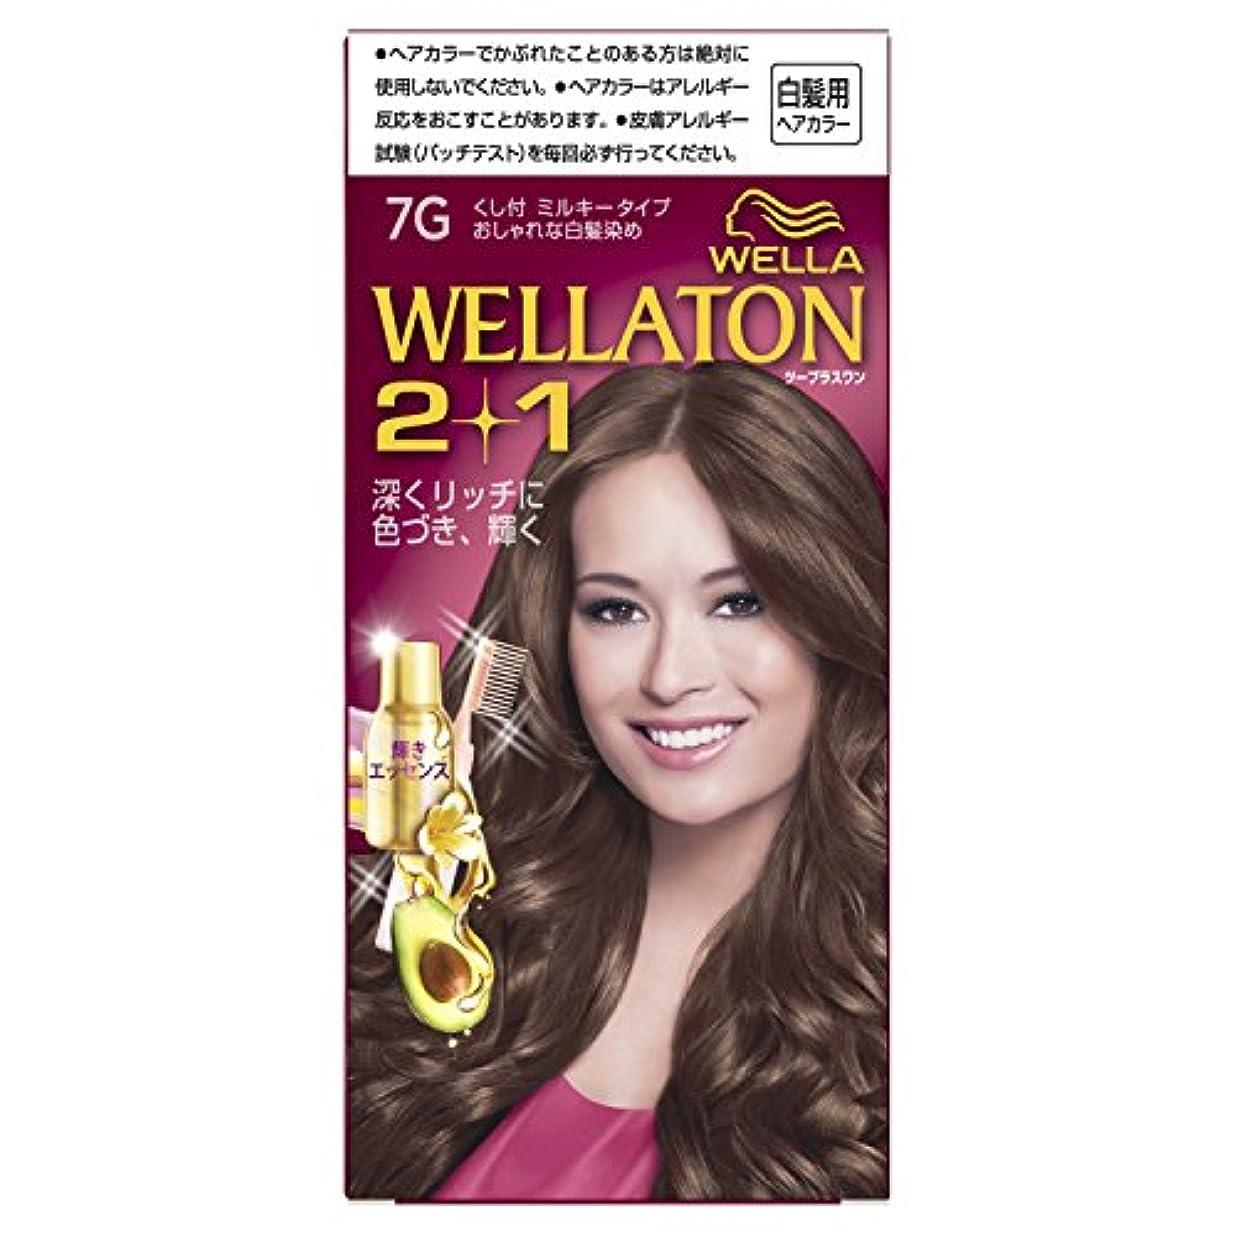 遮る融合従事するウエラトーン2+1 くし付ミルキータイプ 7G [医薬部外品](おしゃれな白髪染め)